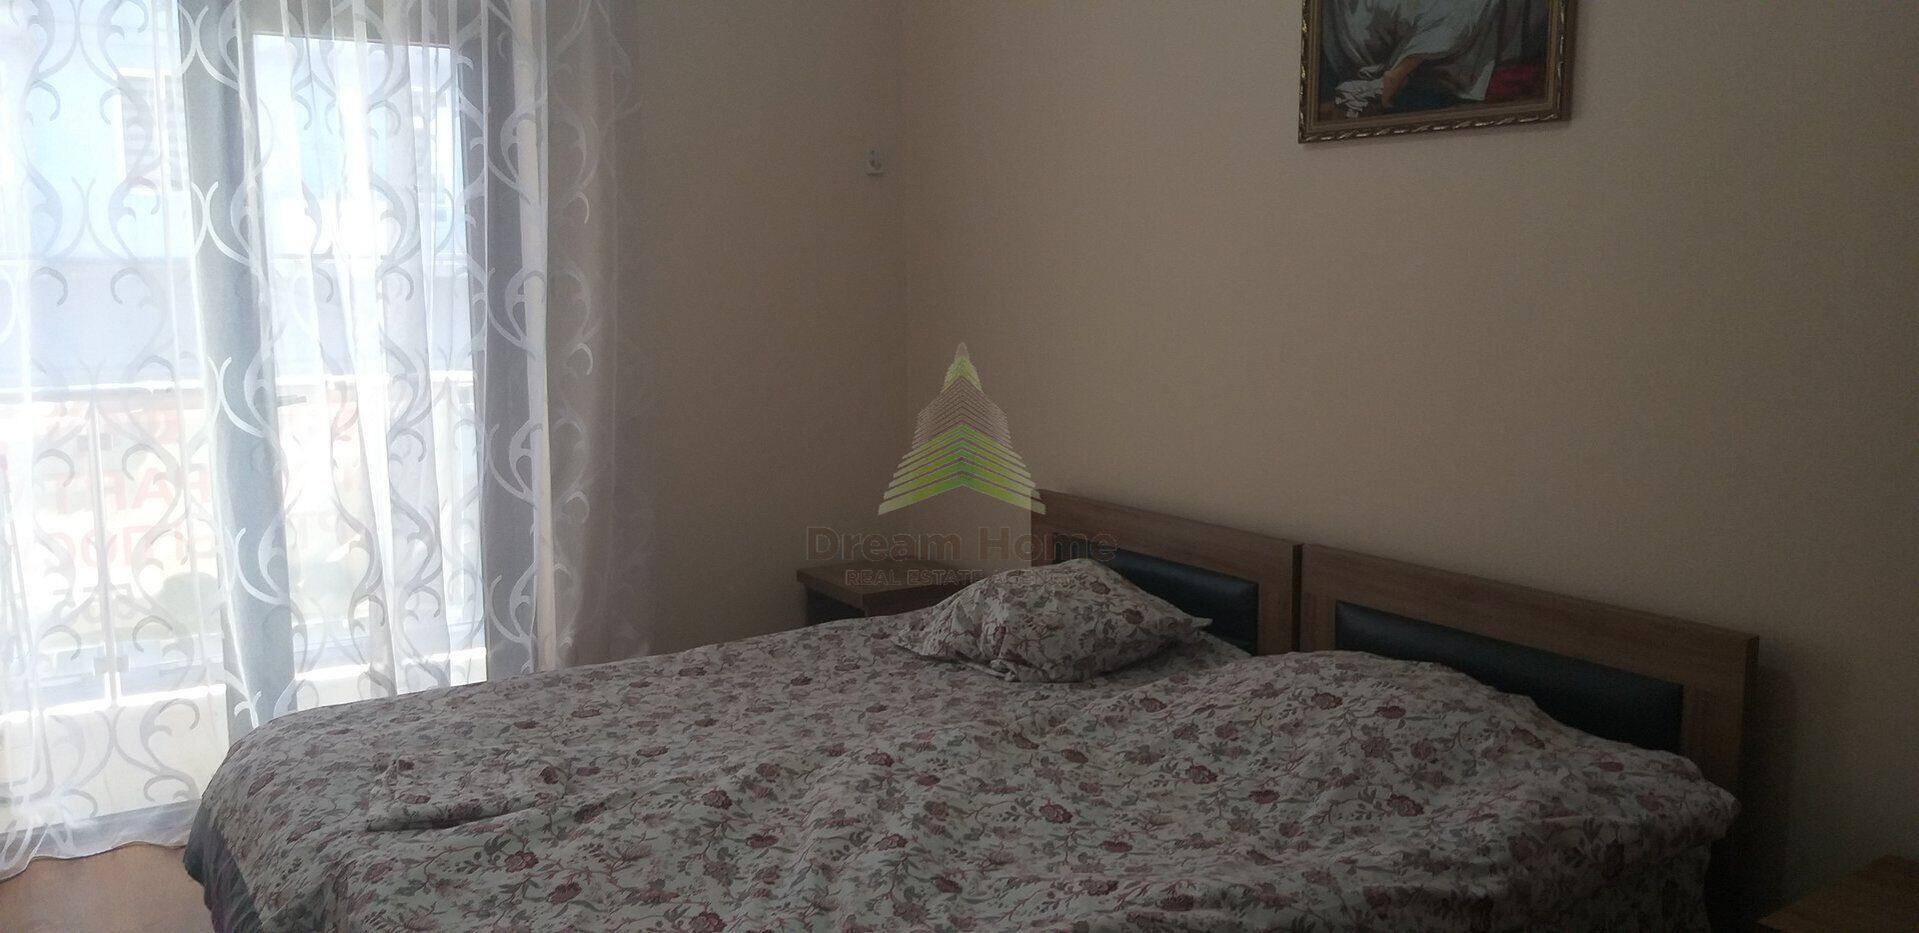 Апартаменты царя недвижимость в словении на побережье